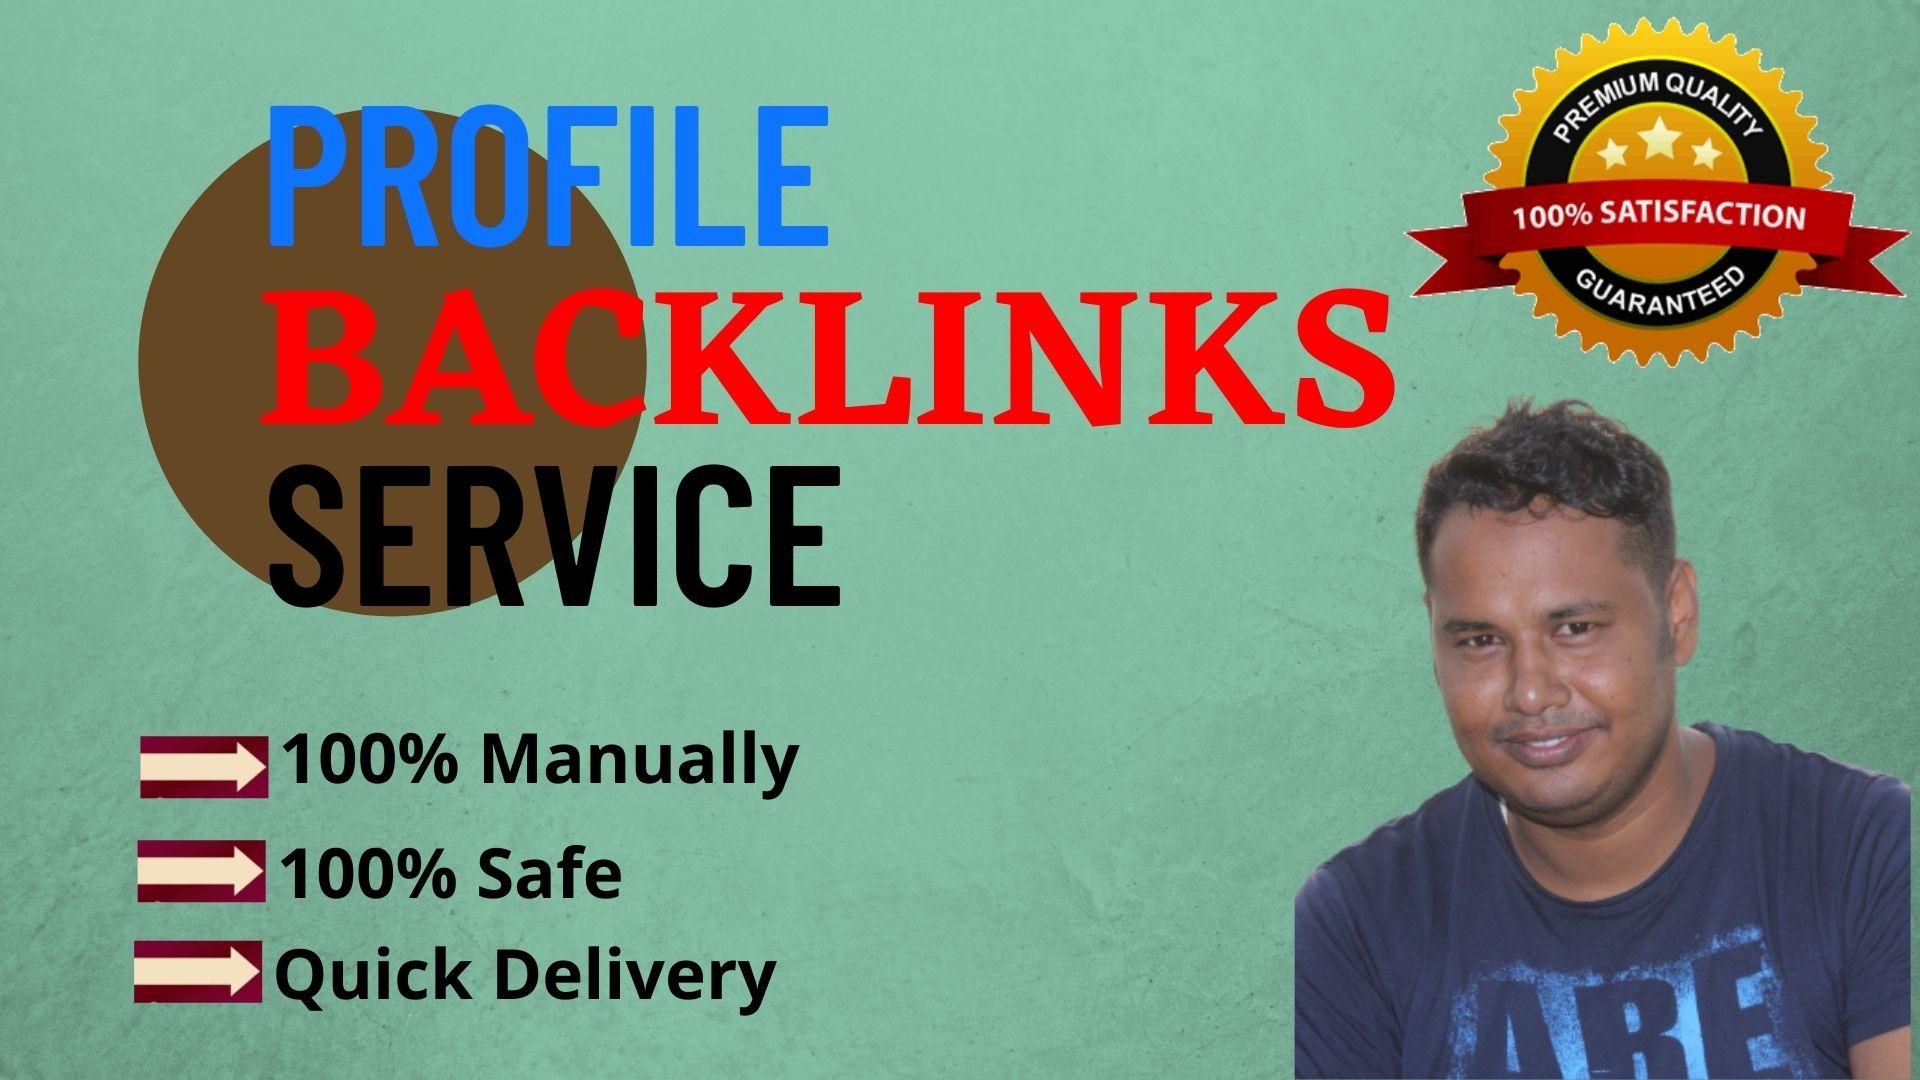 I Will Manually Provide 200 Dofollow Profile Backlinks